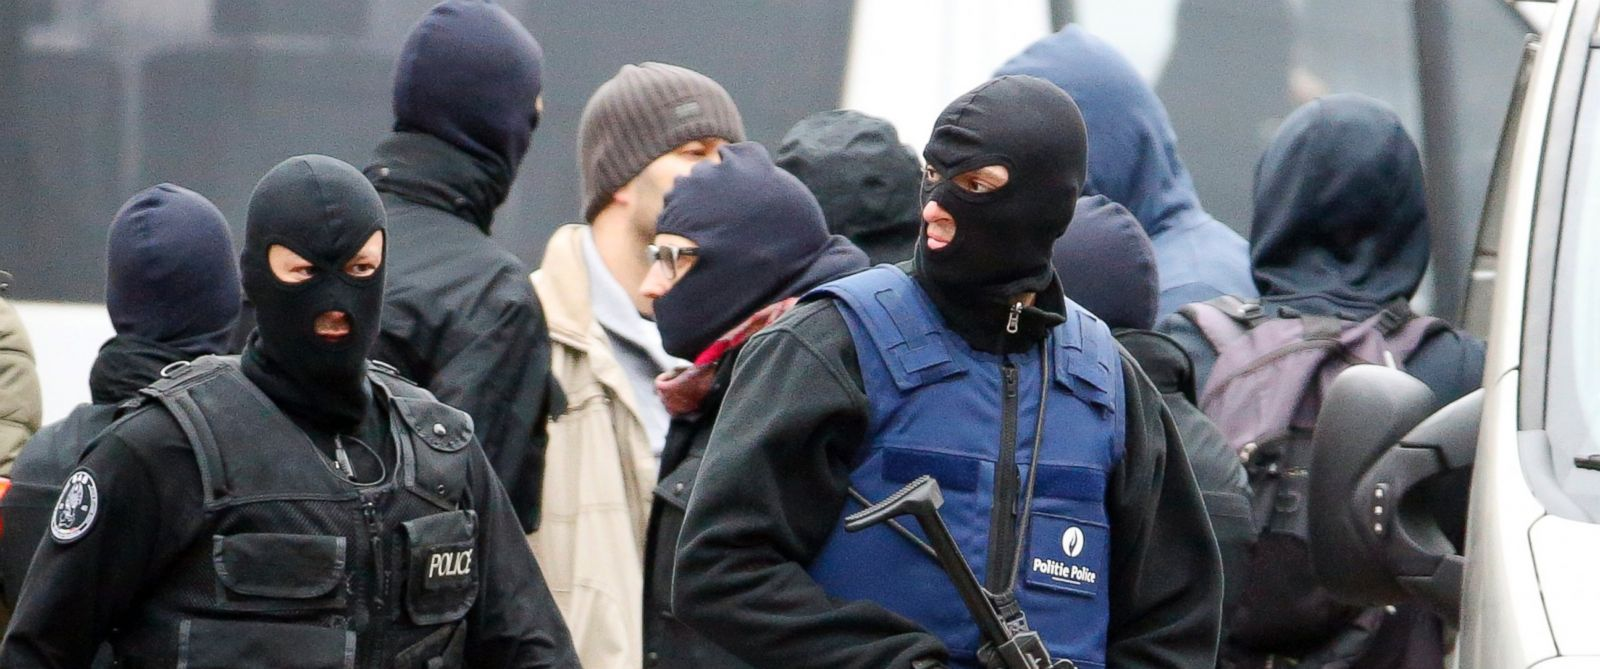 PHOTO: Belgian police are seen in Molenbeek, Belgium, Nov. 16. 2015.